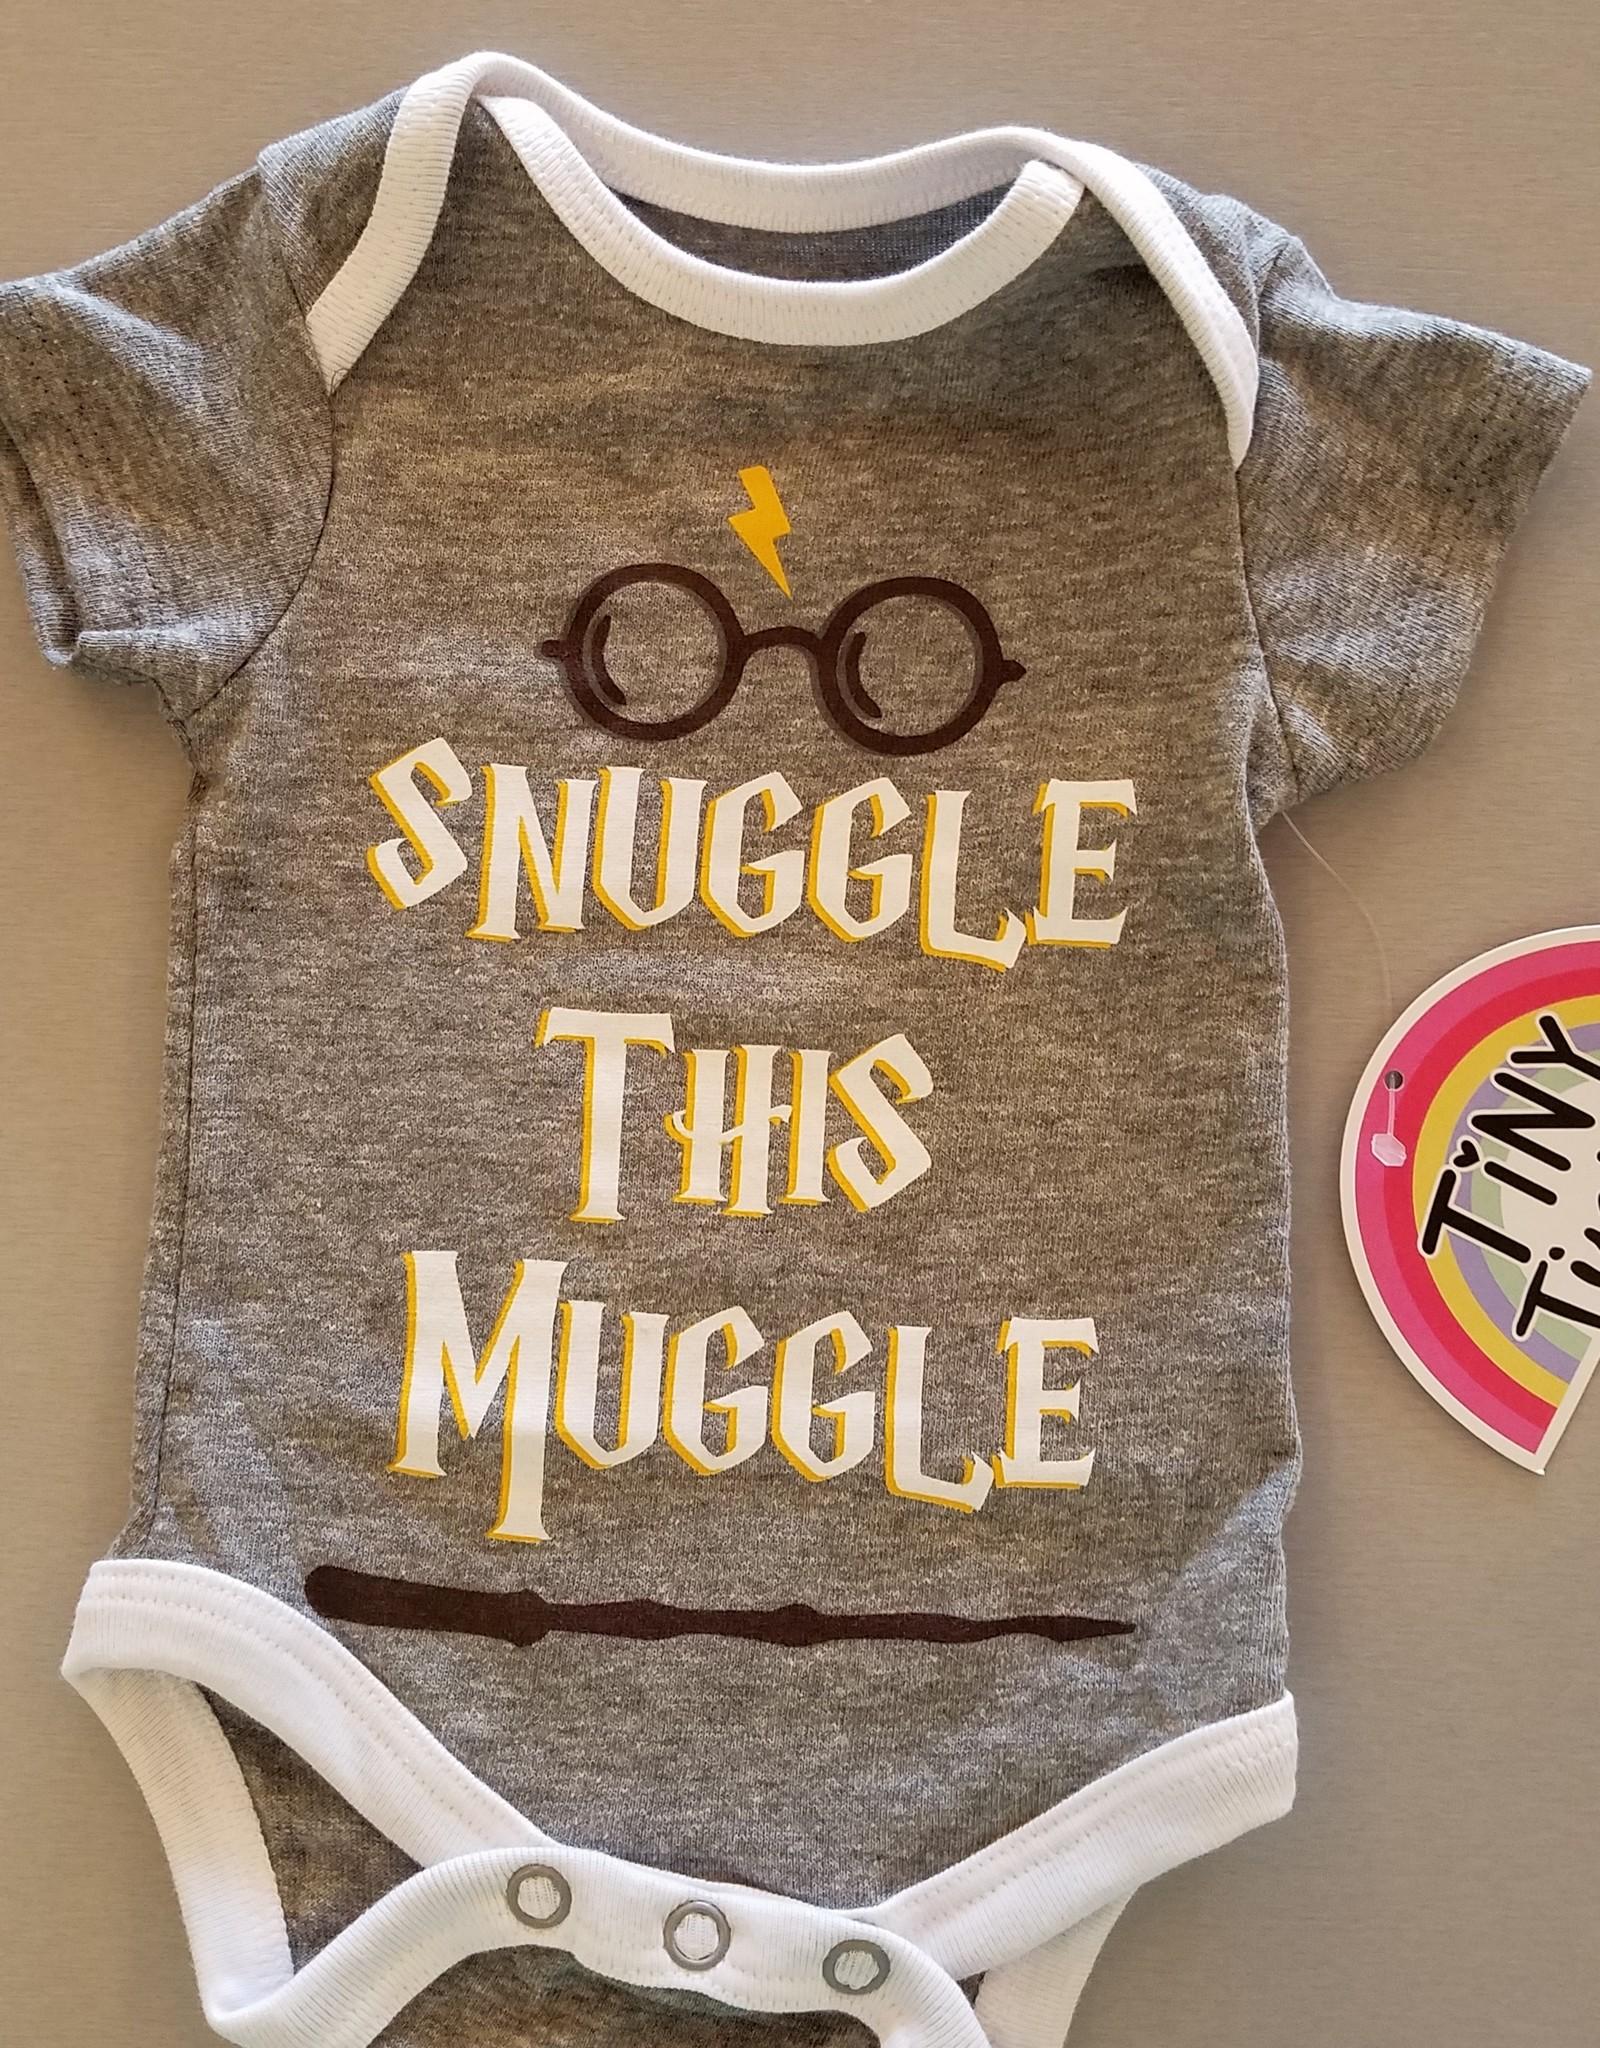 Tiny Tinies Snuggle This Muggle Onesie